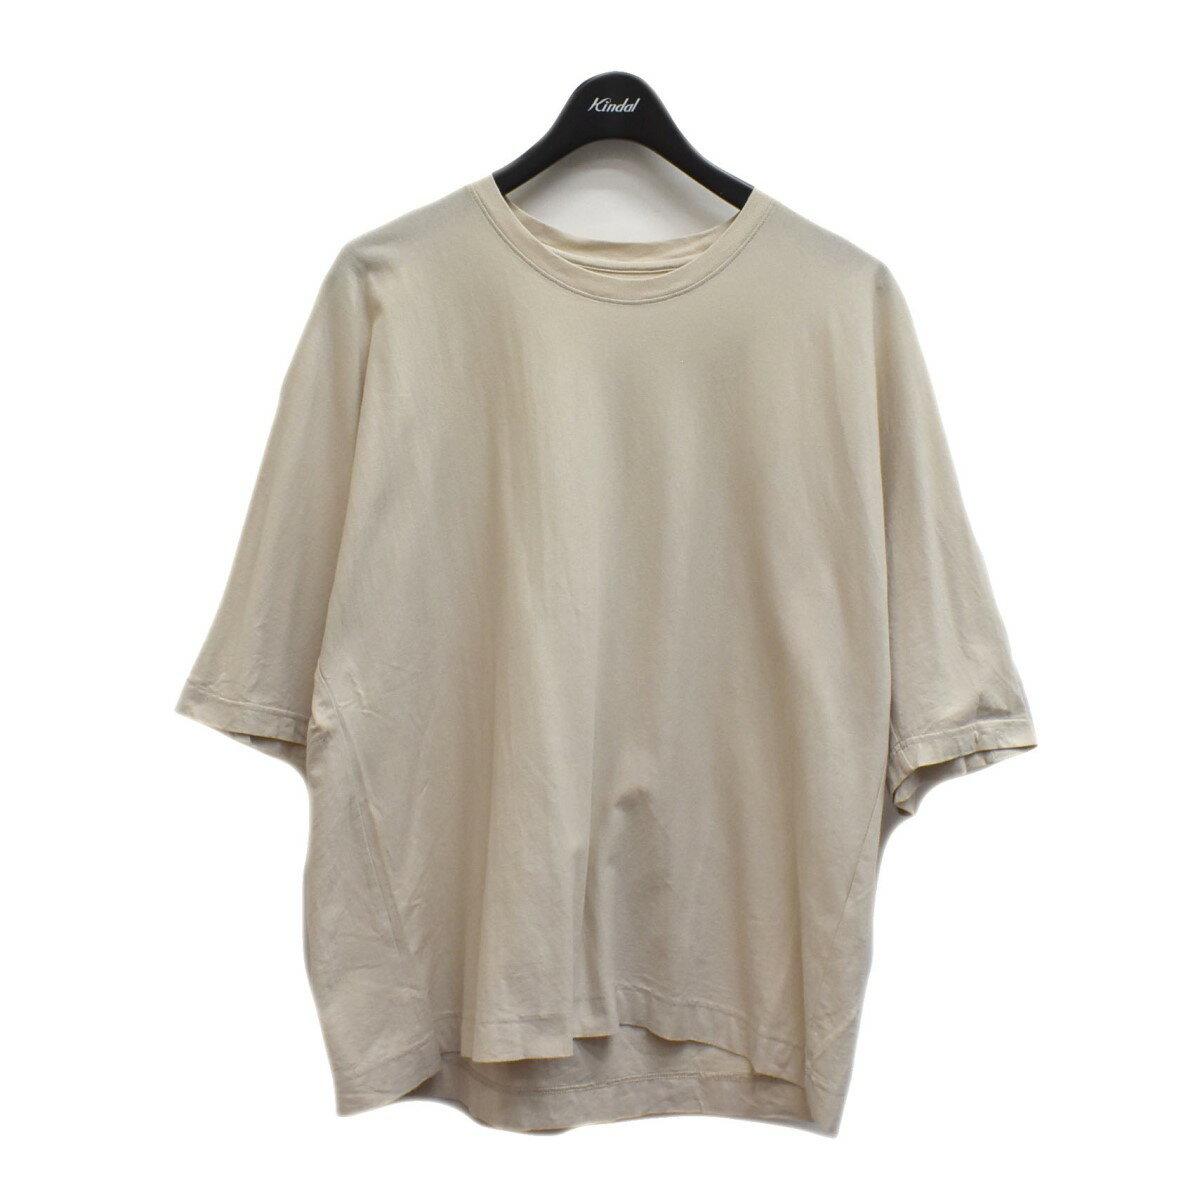 トップス, Tシャツ・カットソー HOMME PLISSE ISSEY MIYAKE 20SS T 2 090521